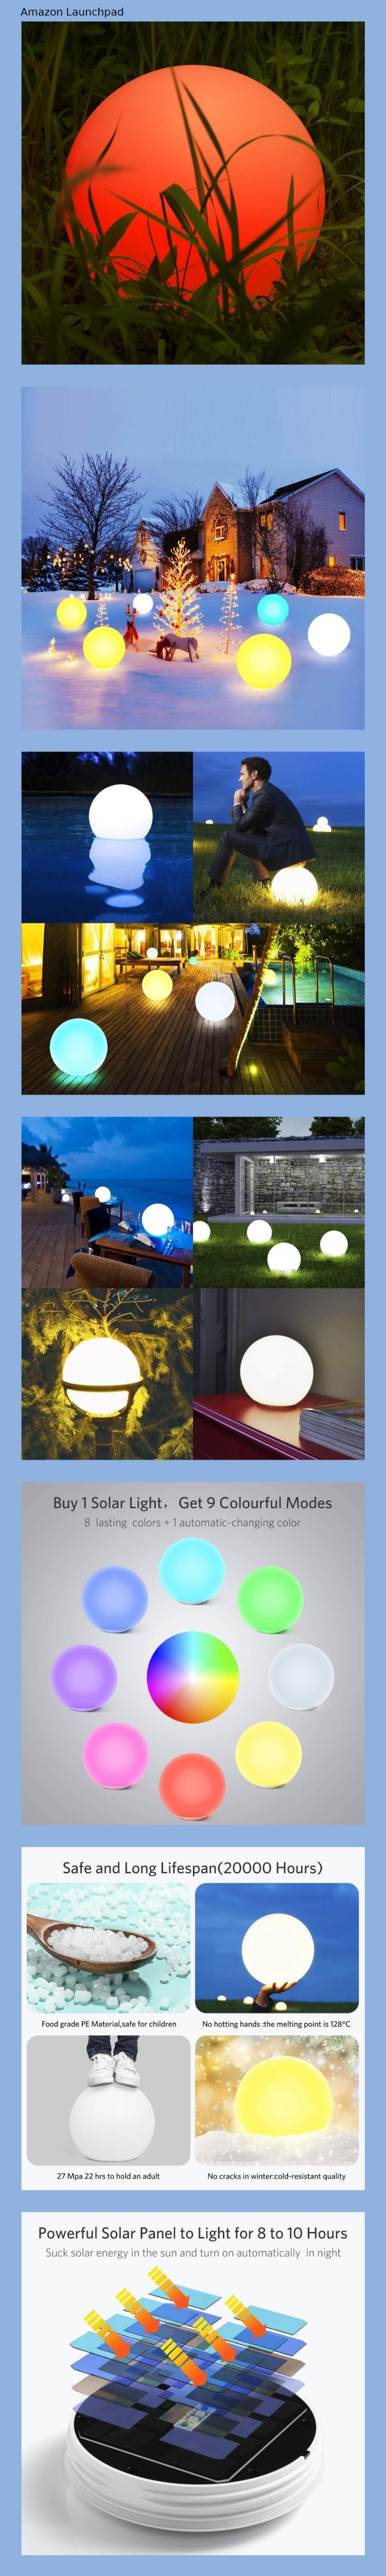 Homever LED-Solar-Kugelleuchte Wasserdicht Schwimmkugel Outdoor Leuchtkugel Mit 9 Farbwechselmodi f/ür Garten//Teich//Pool//Party Kugelleuchte